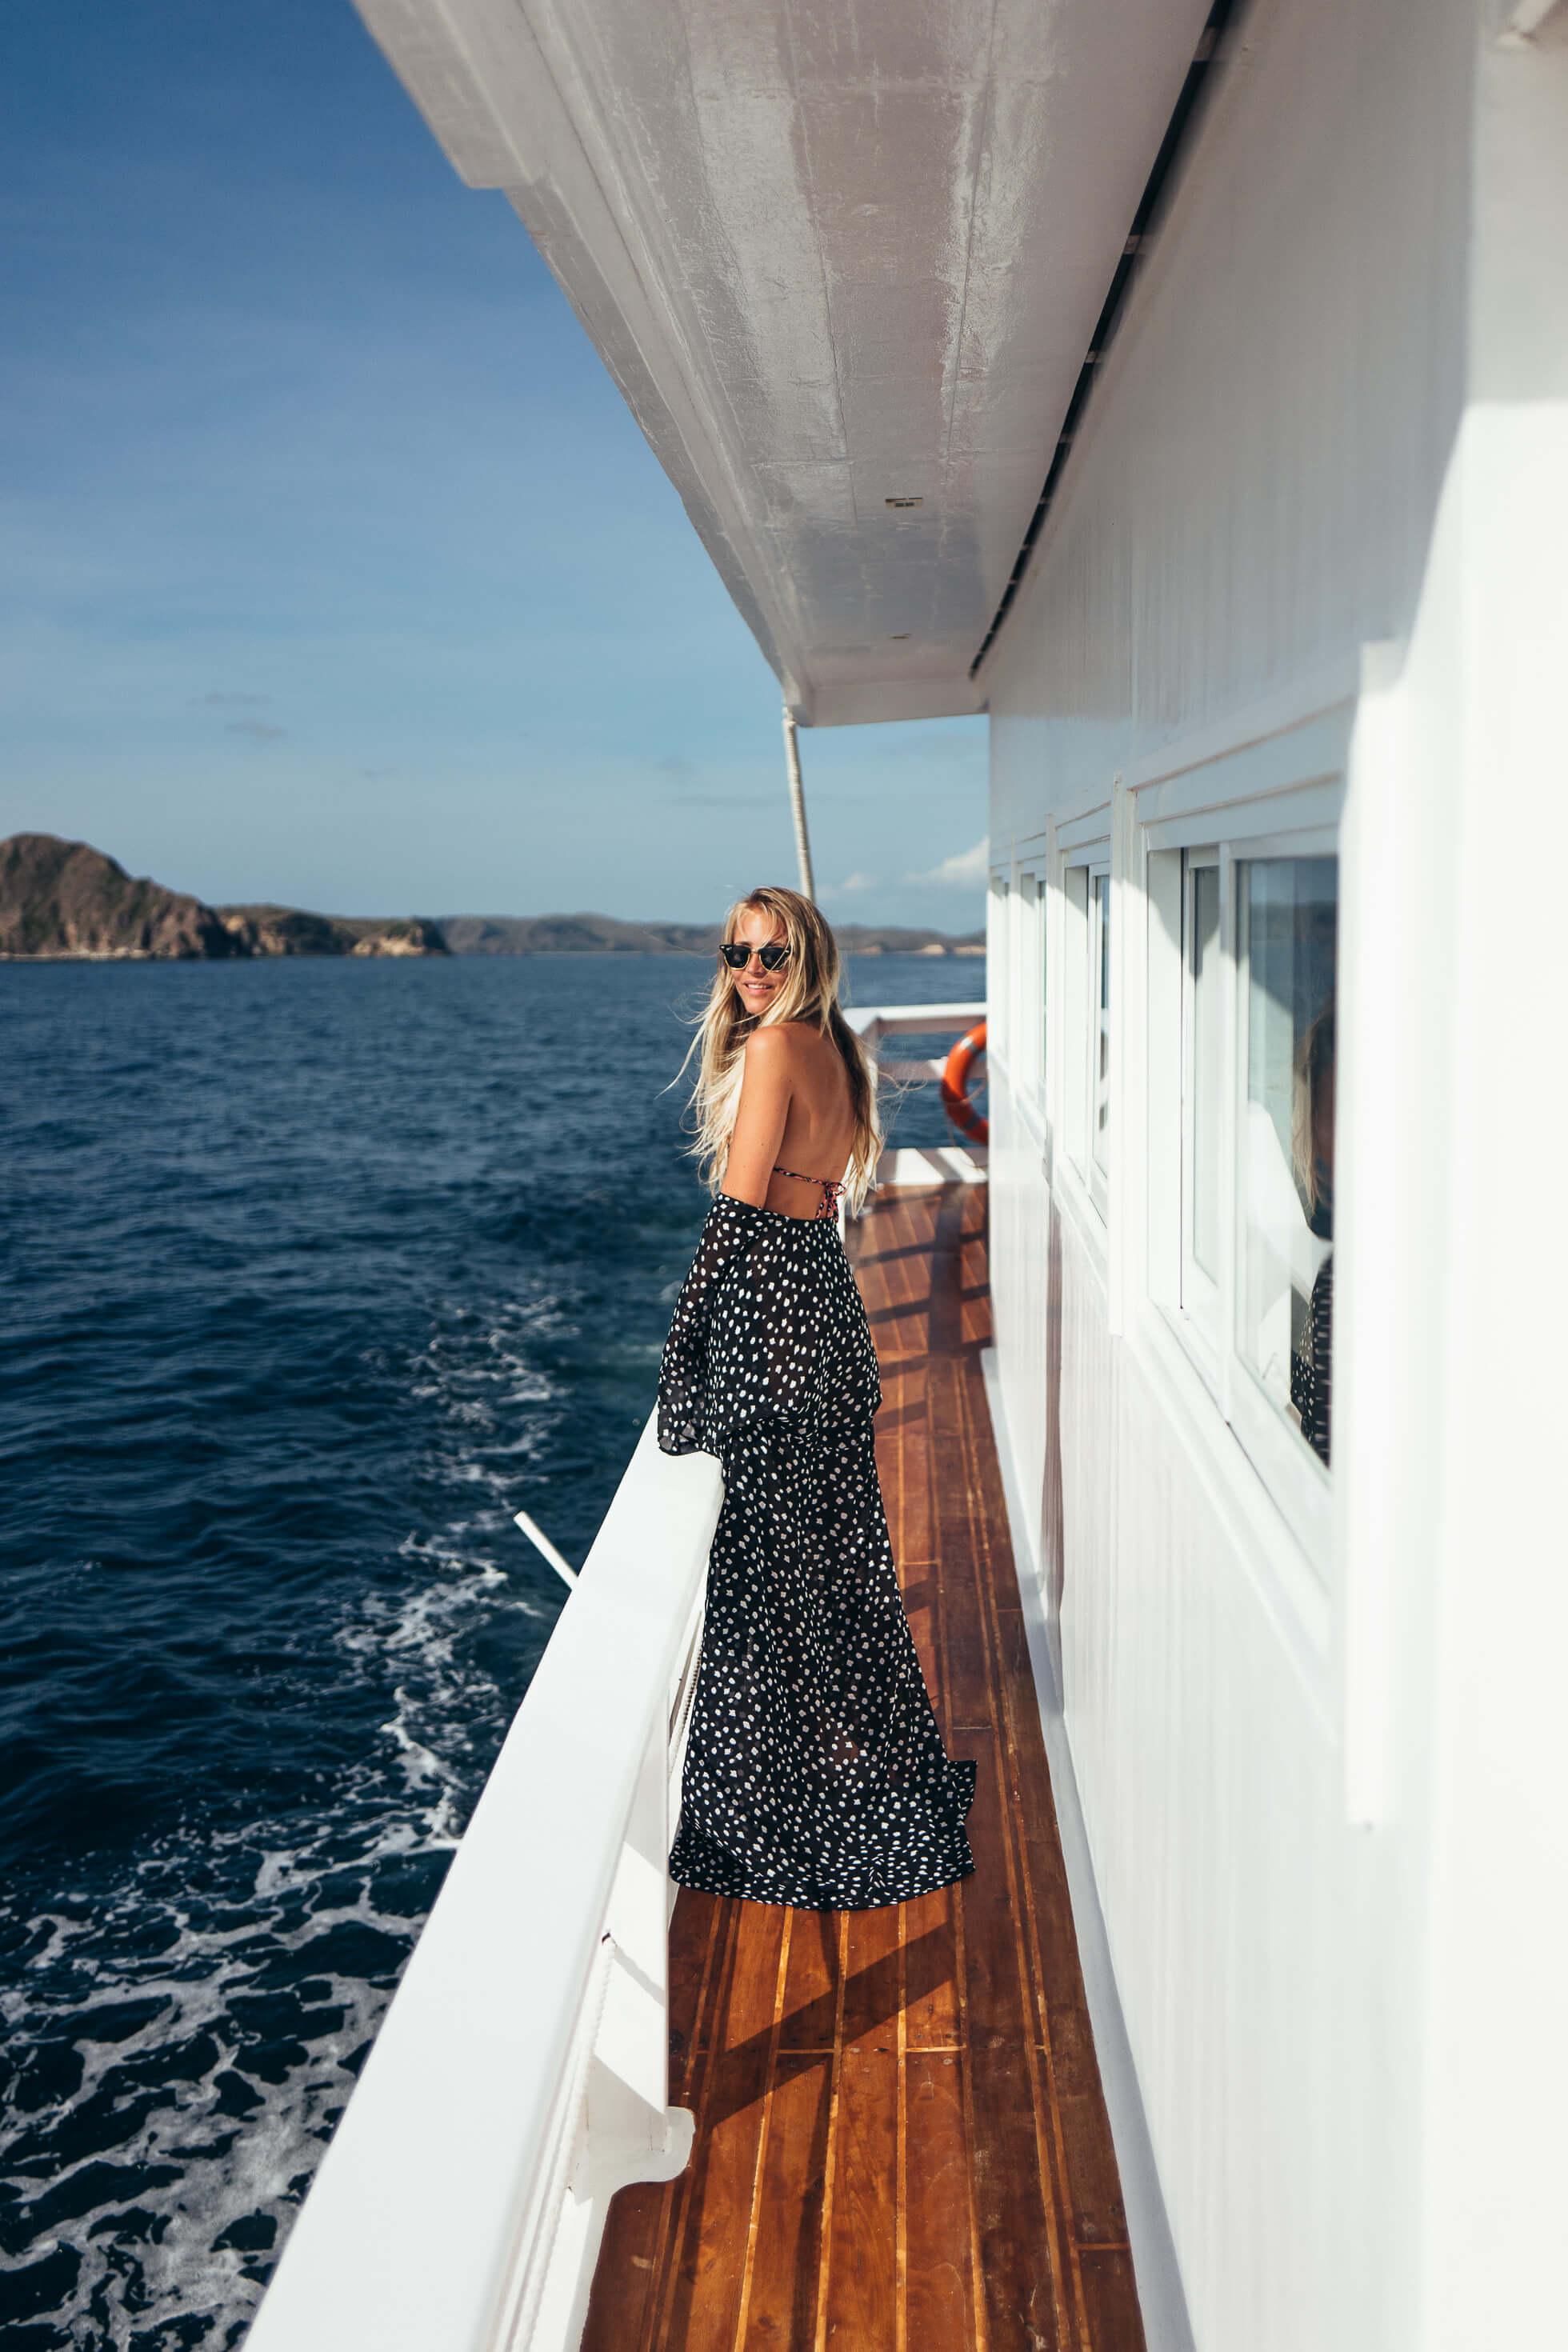 janni-deler-boat-komodo-islandsl1020211